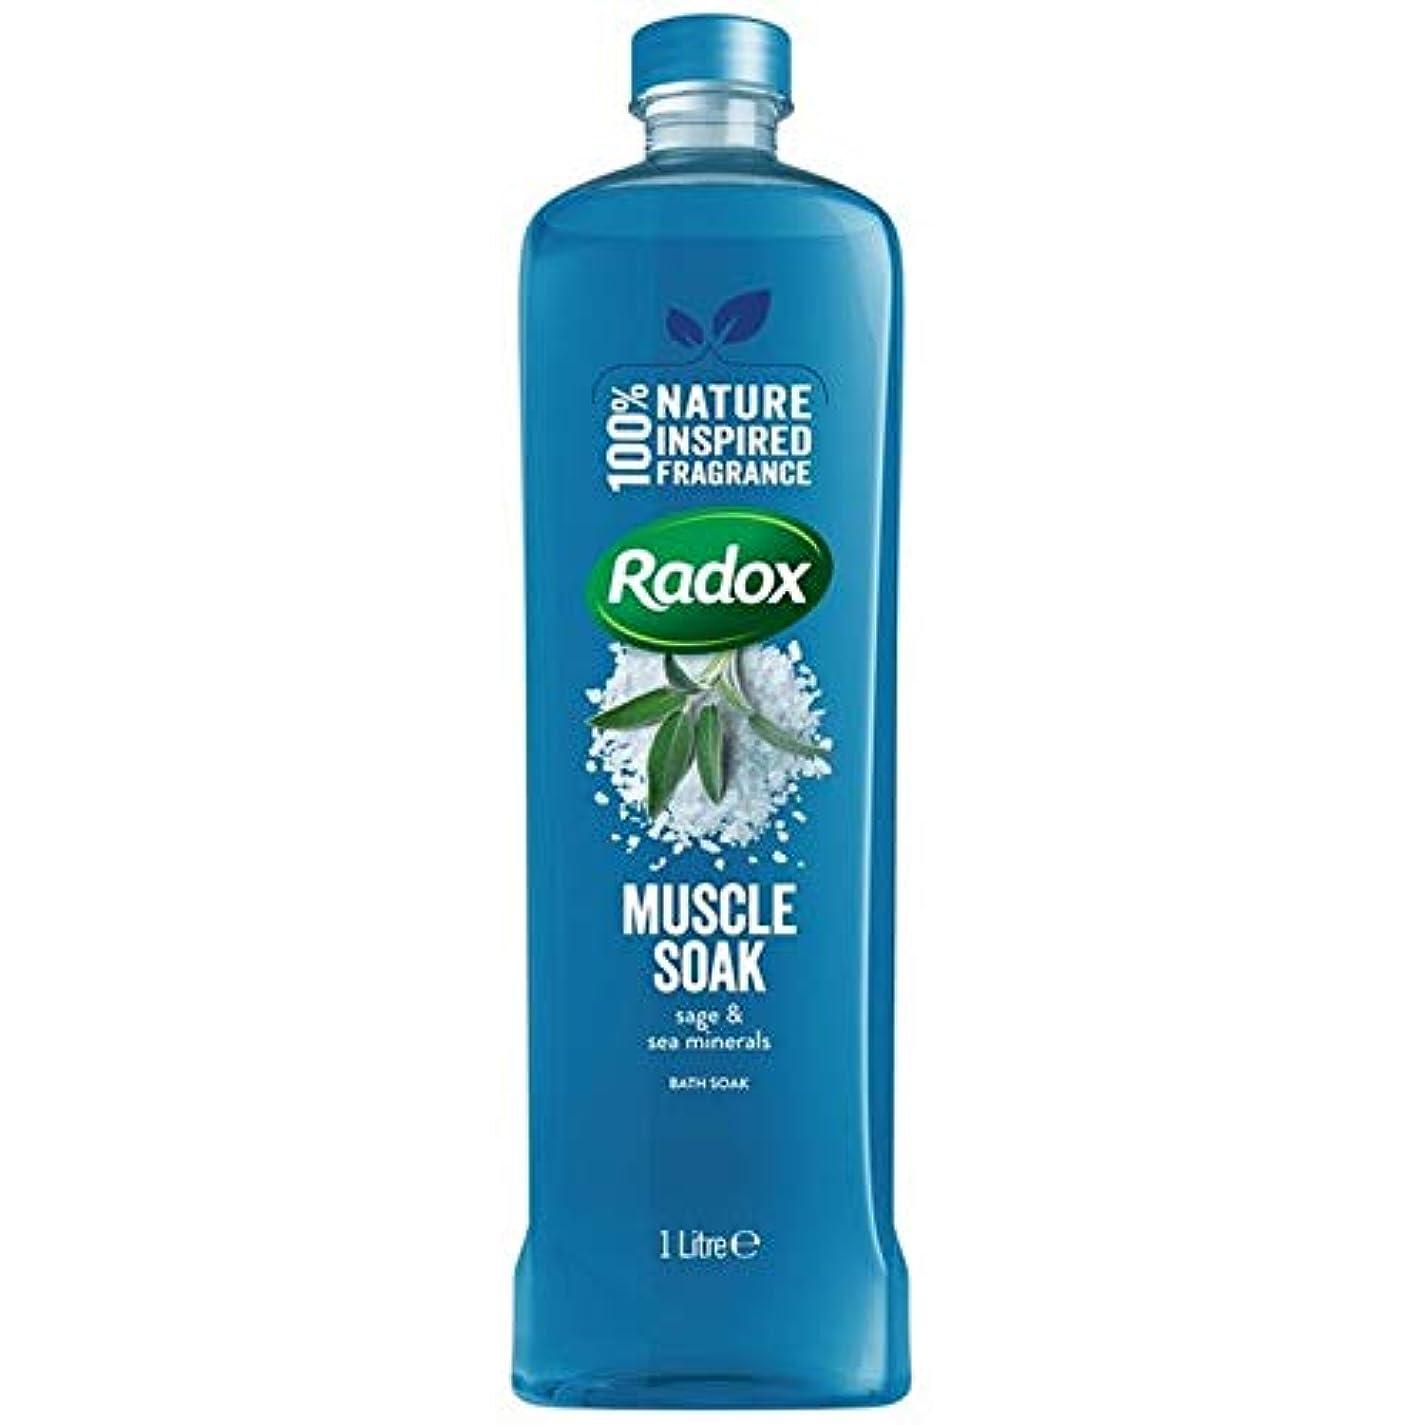 サンダル慣習見落とす[Radox] Radox筋はセージ&海のミネラルの1リットルに浸し風呂につかります - Radox Muscle Soak Bath Soak with Sage & Sea Minerals 1L [並行輸入品]